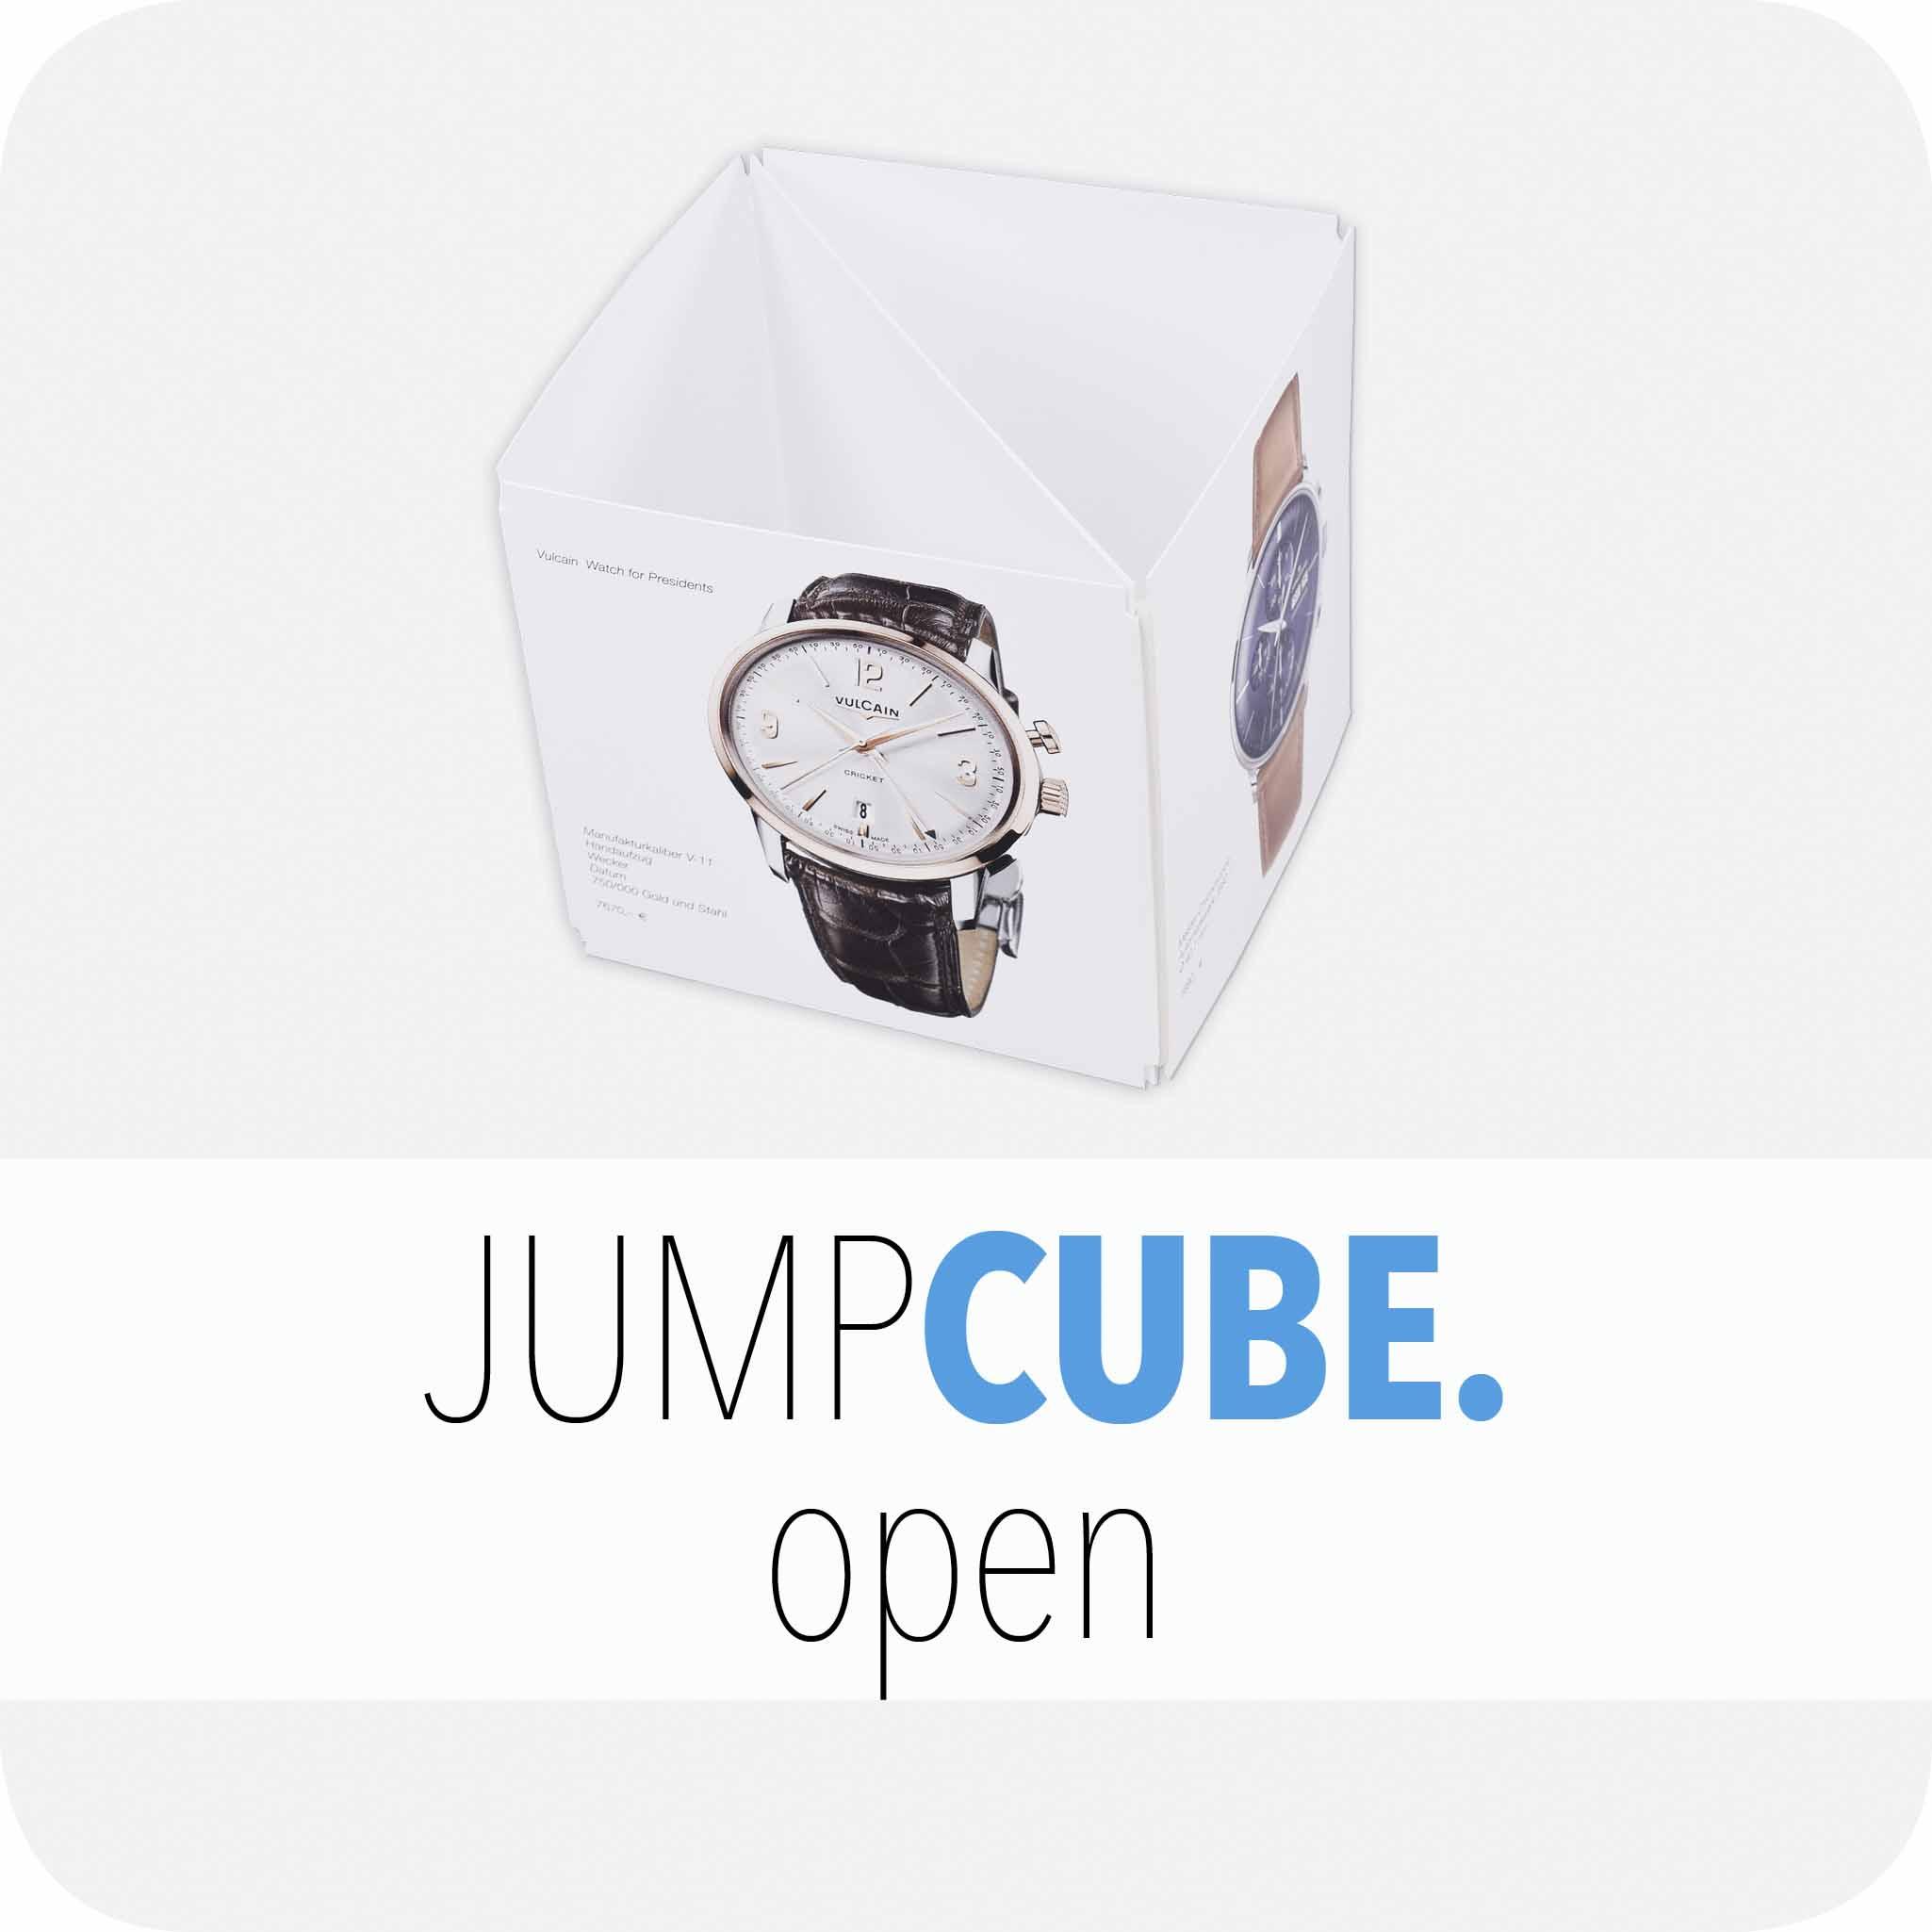 Jumpcube open